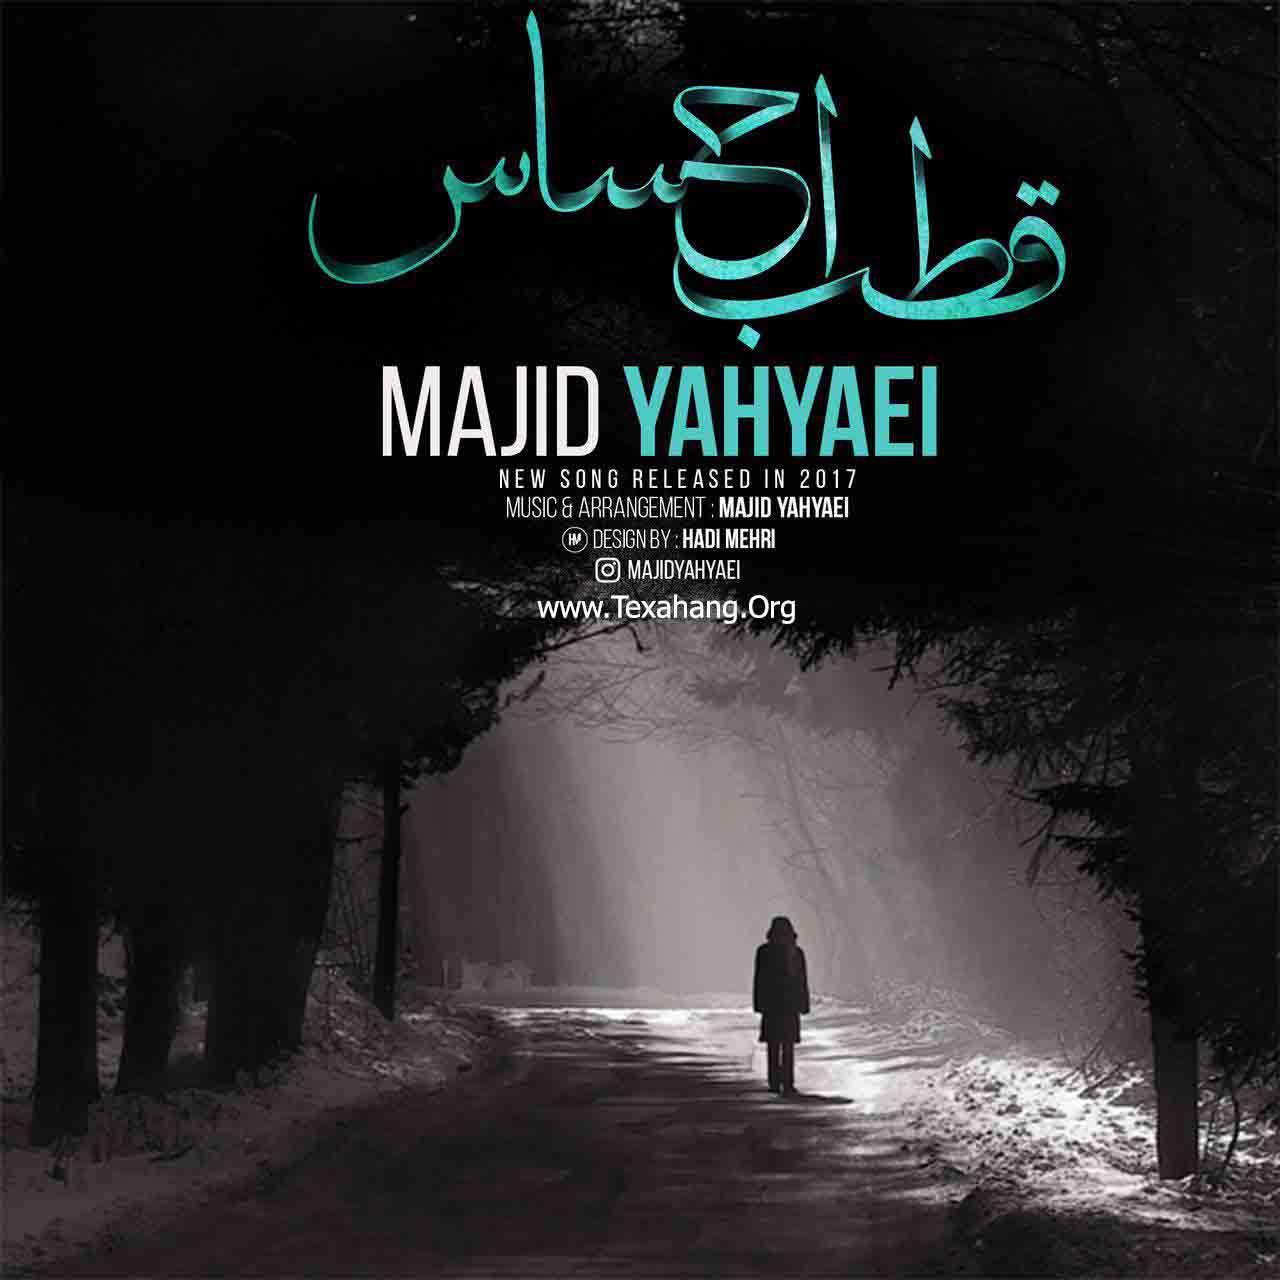 متن آهنگ قطب احساس از مجید یحیایی